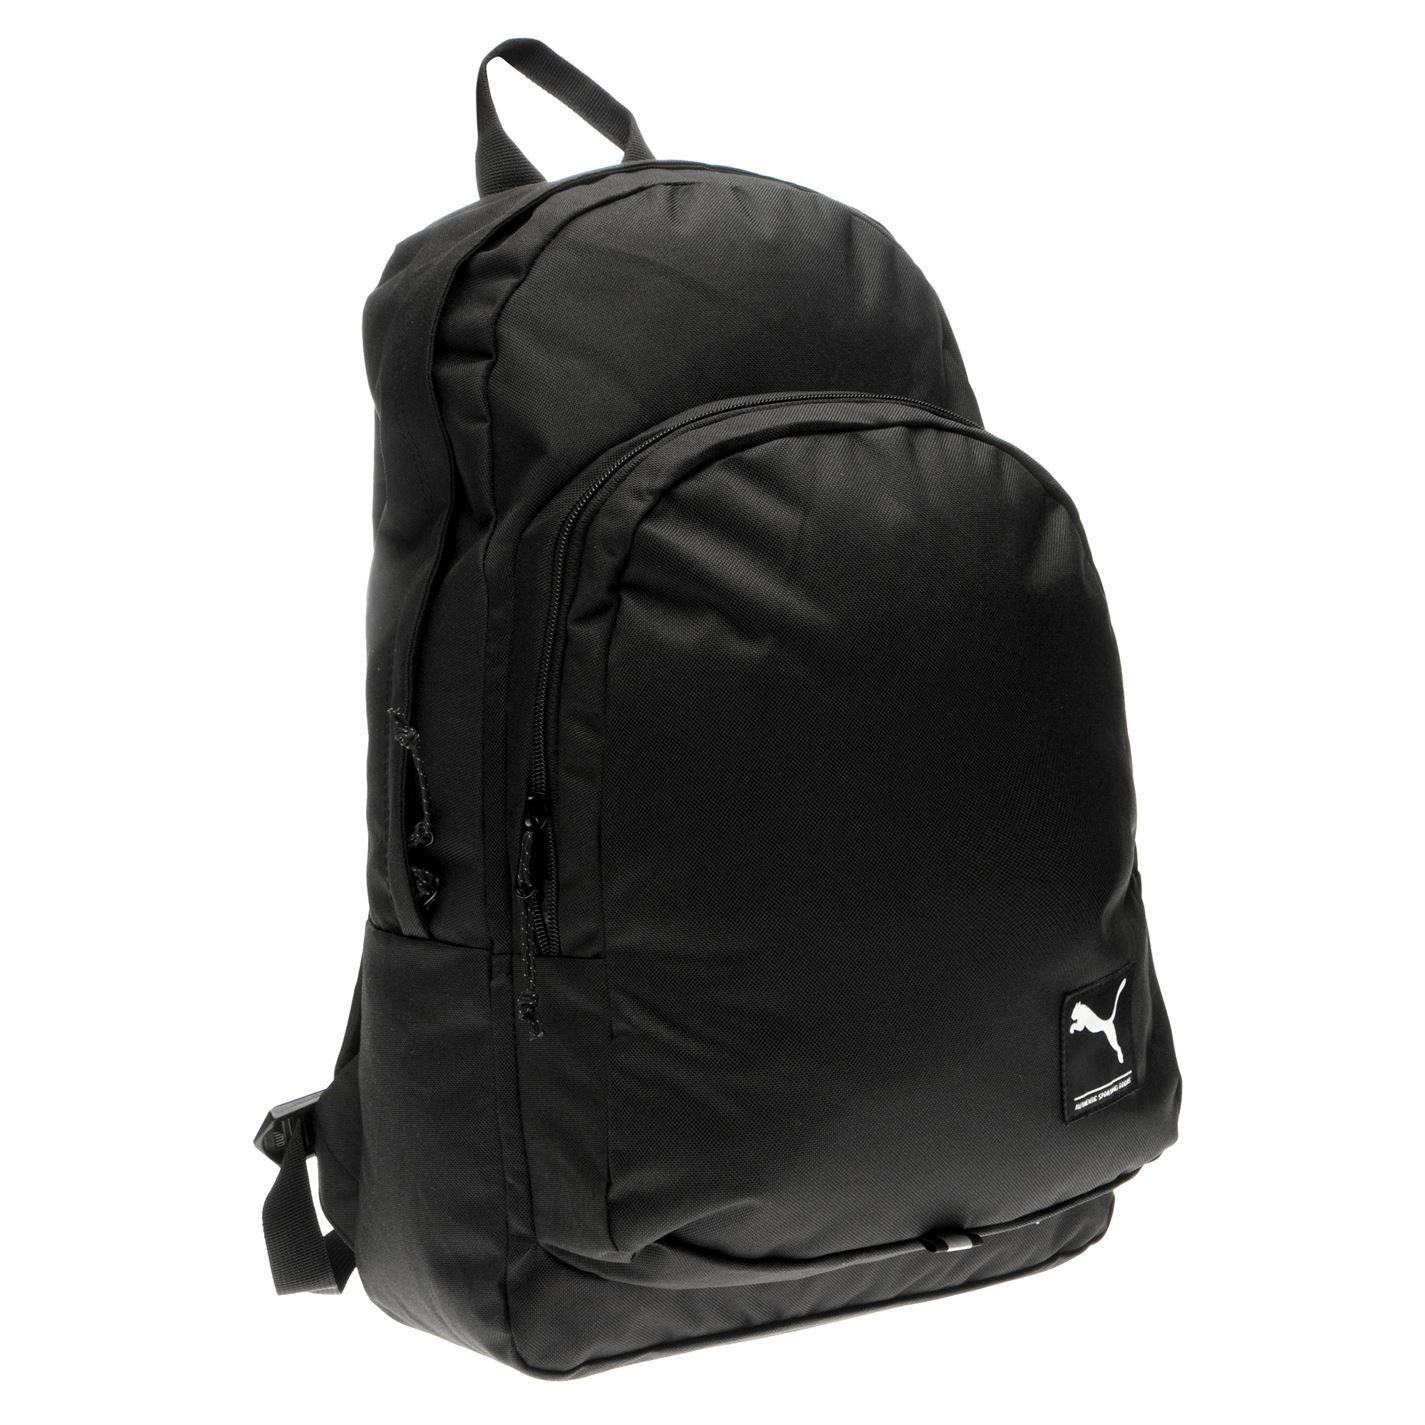 4ae033acf43b ... Puma Academy Backpack Black Sports Bag Holdall Rucksack ...